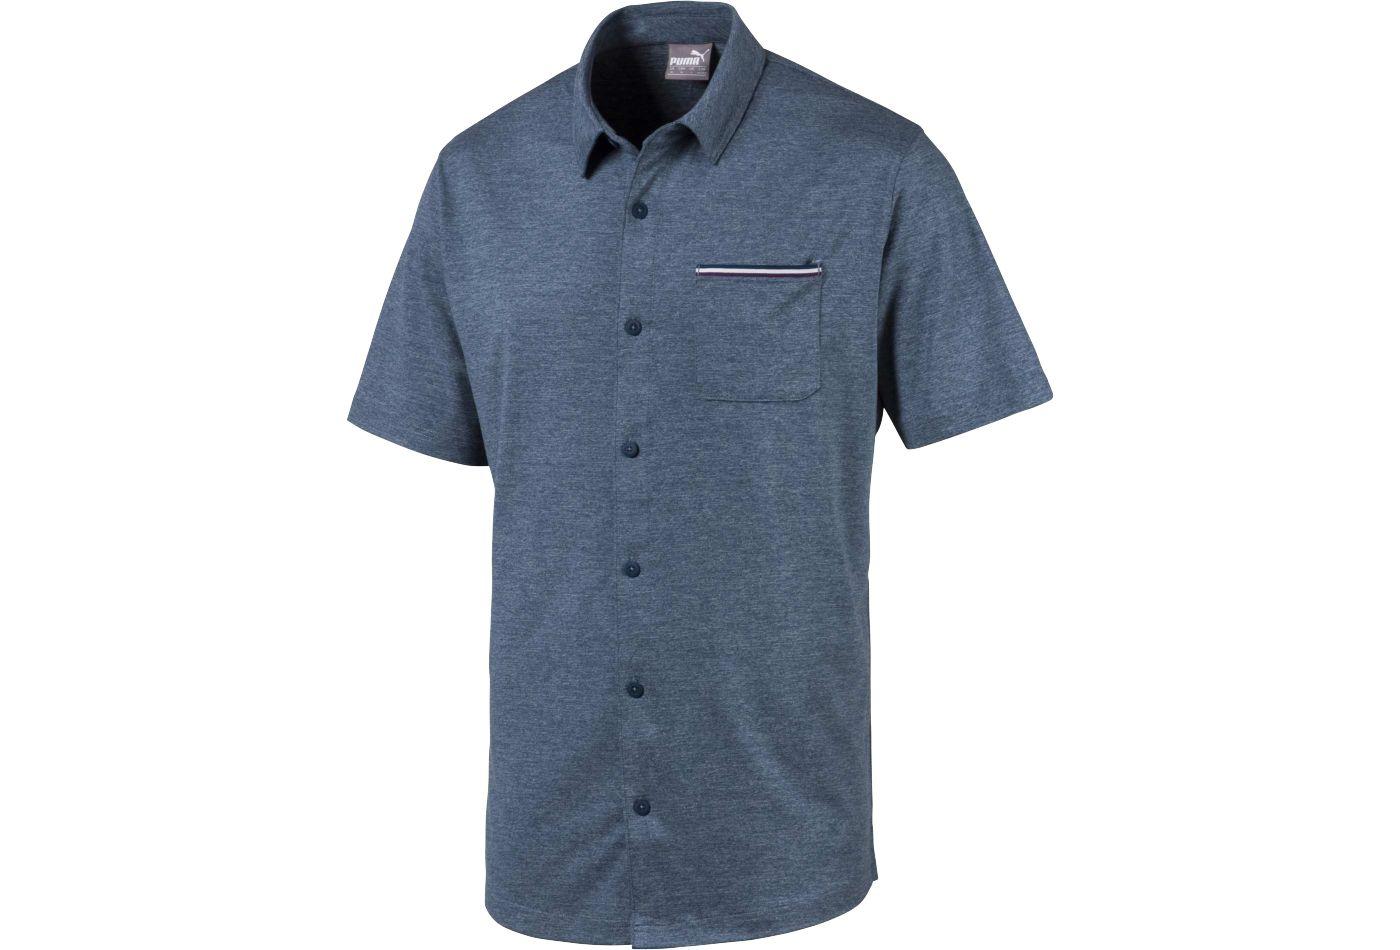 PUMA Men's Tradewinds Golf Shirt